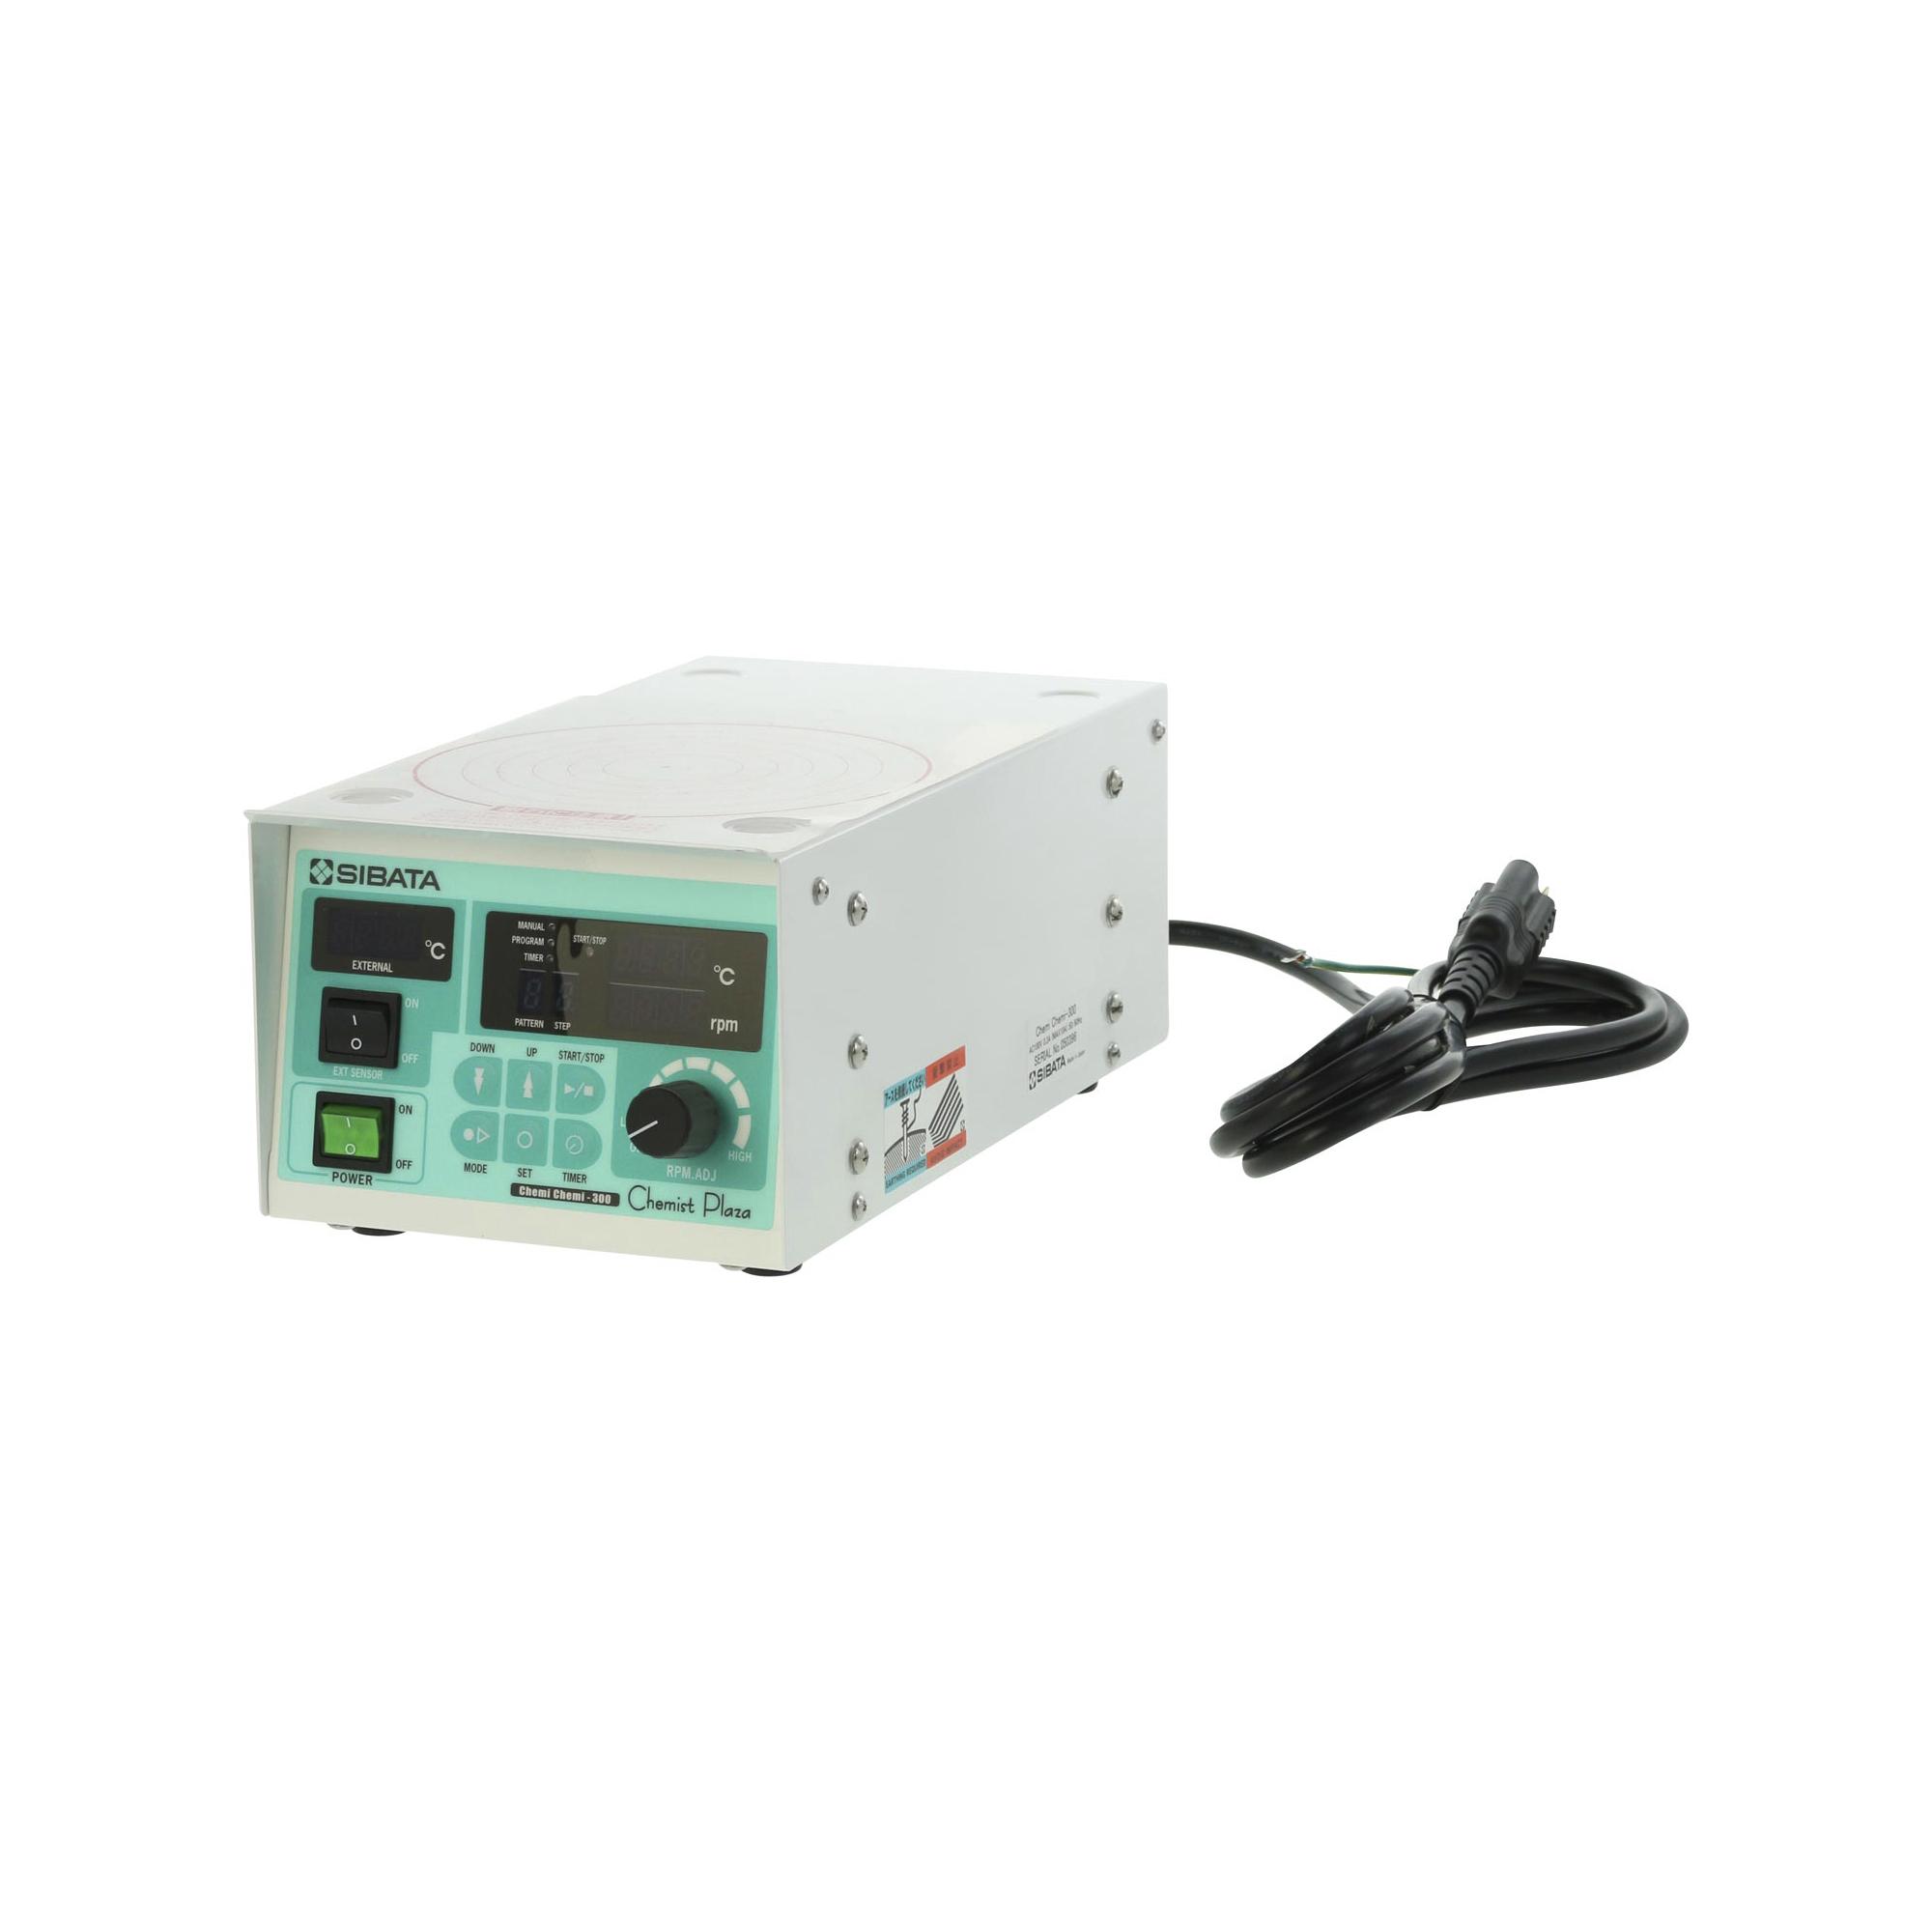 054300-300 合成・反応装置ケミストプラザ CP-300 柴田科学(SIBATA)